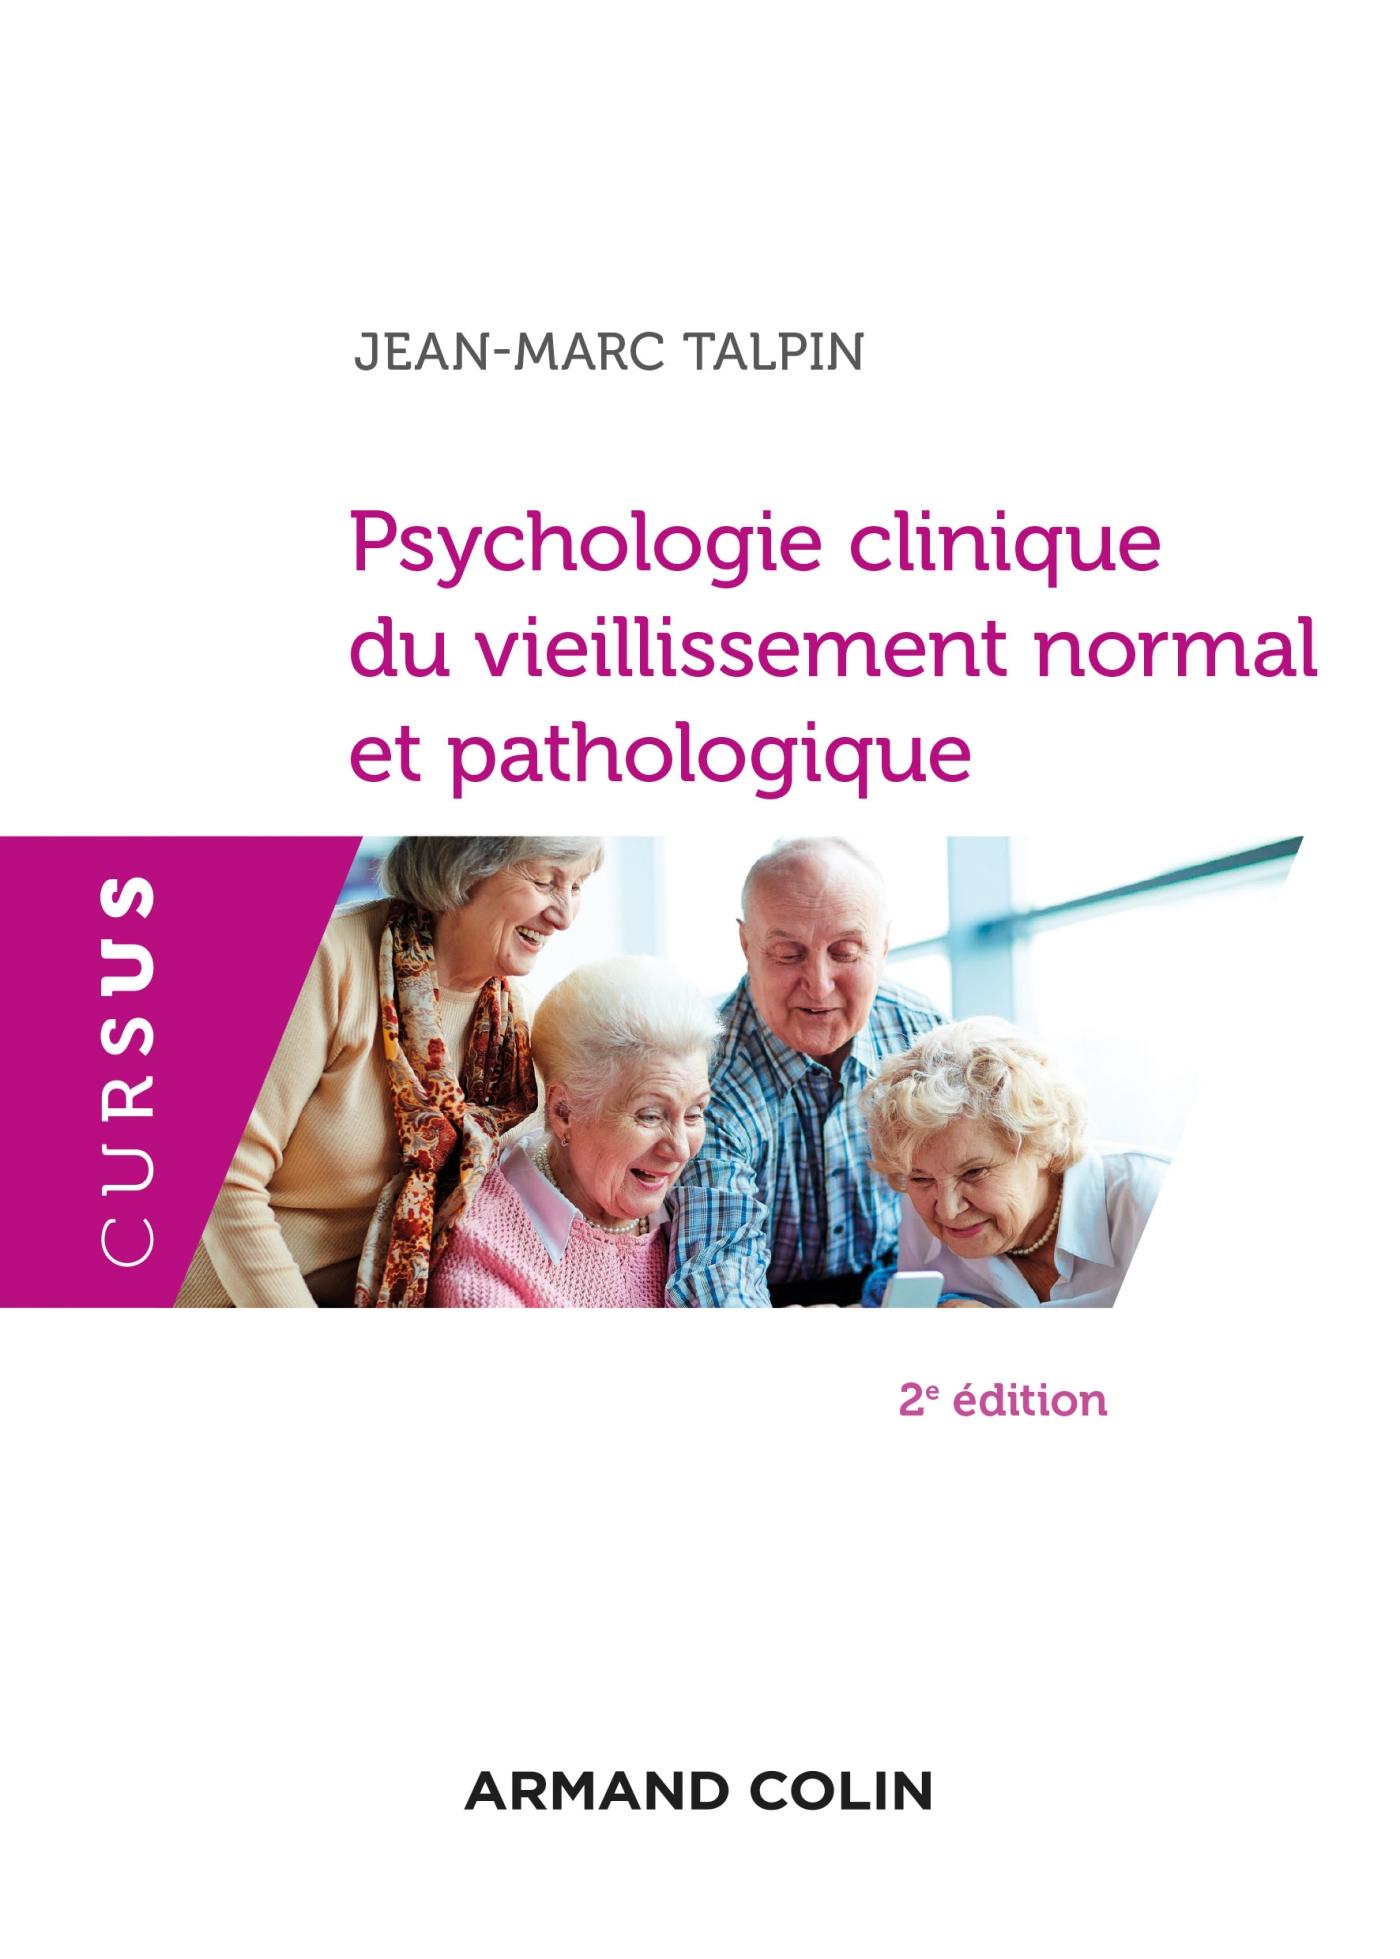 Psychologie clinique du vieillissement normal et pathologique - 2e éd.